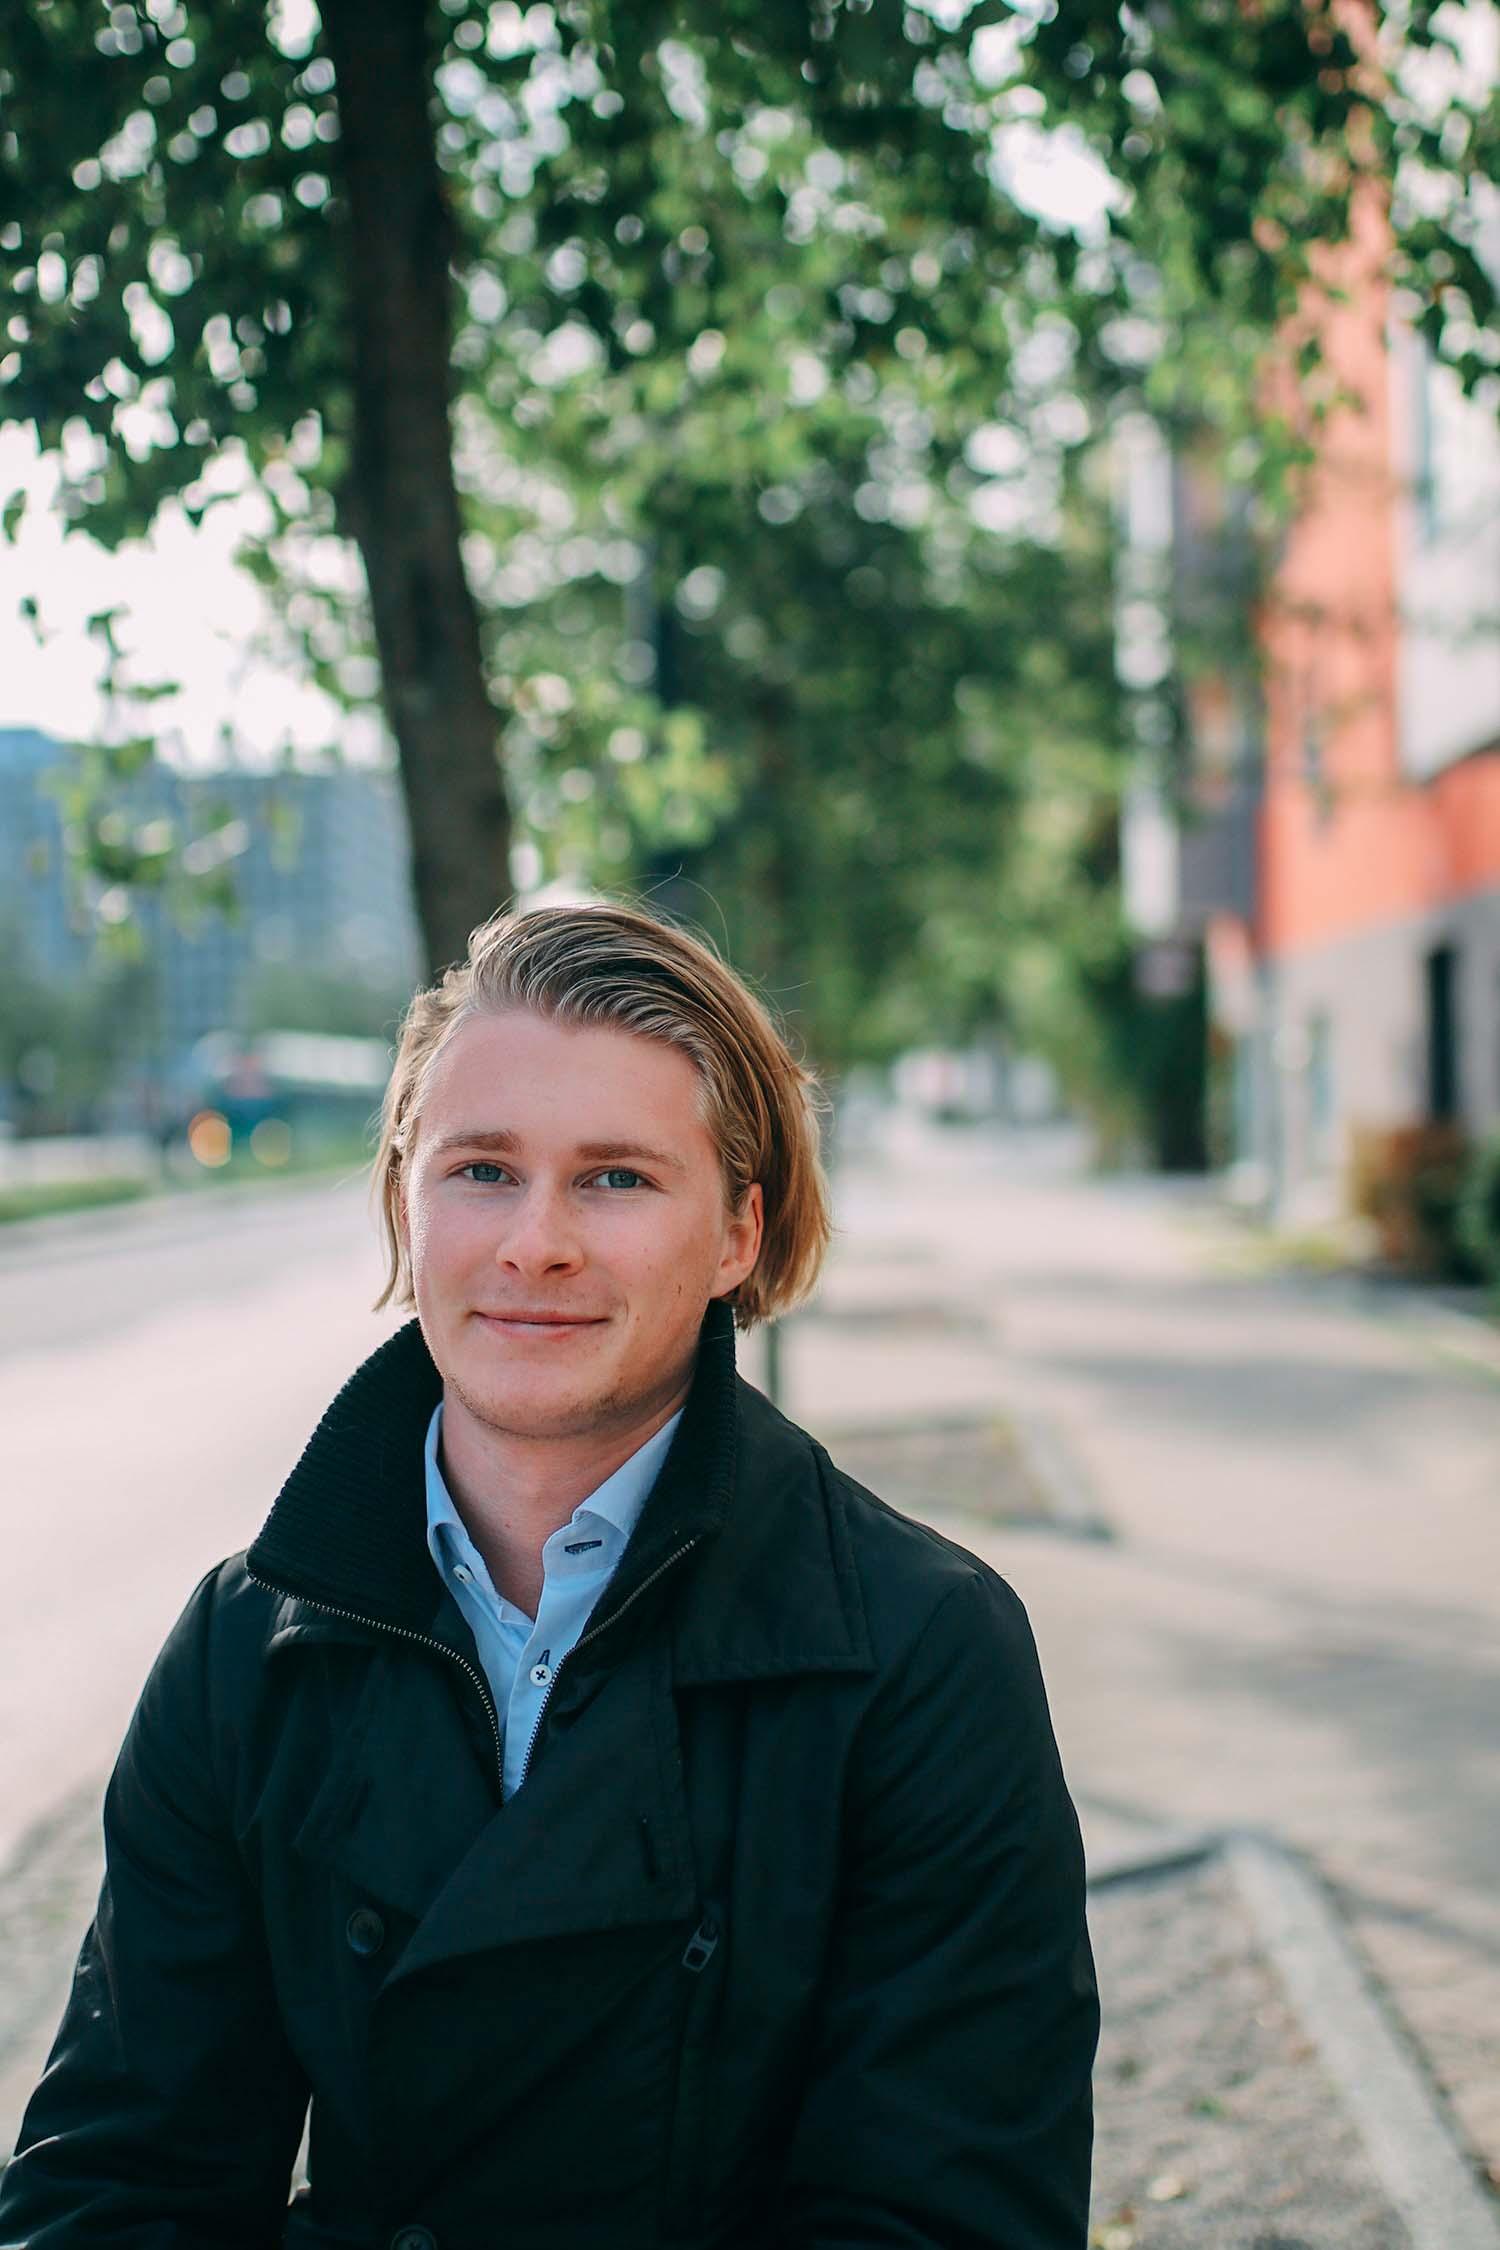 Casper Thimansson